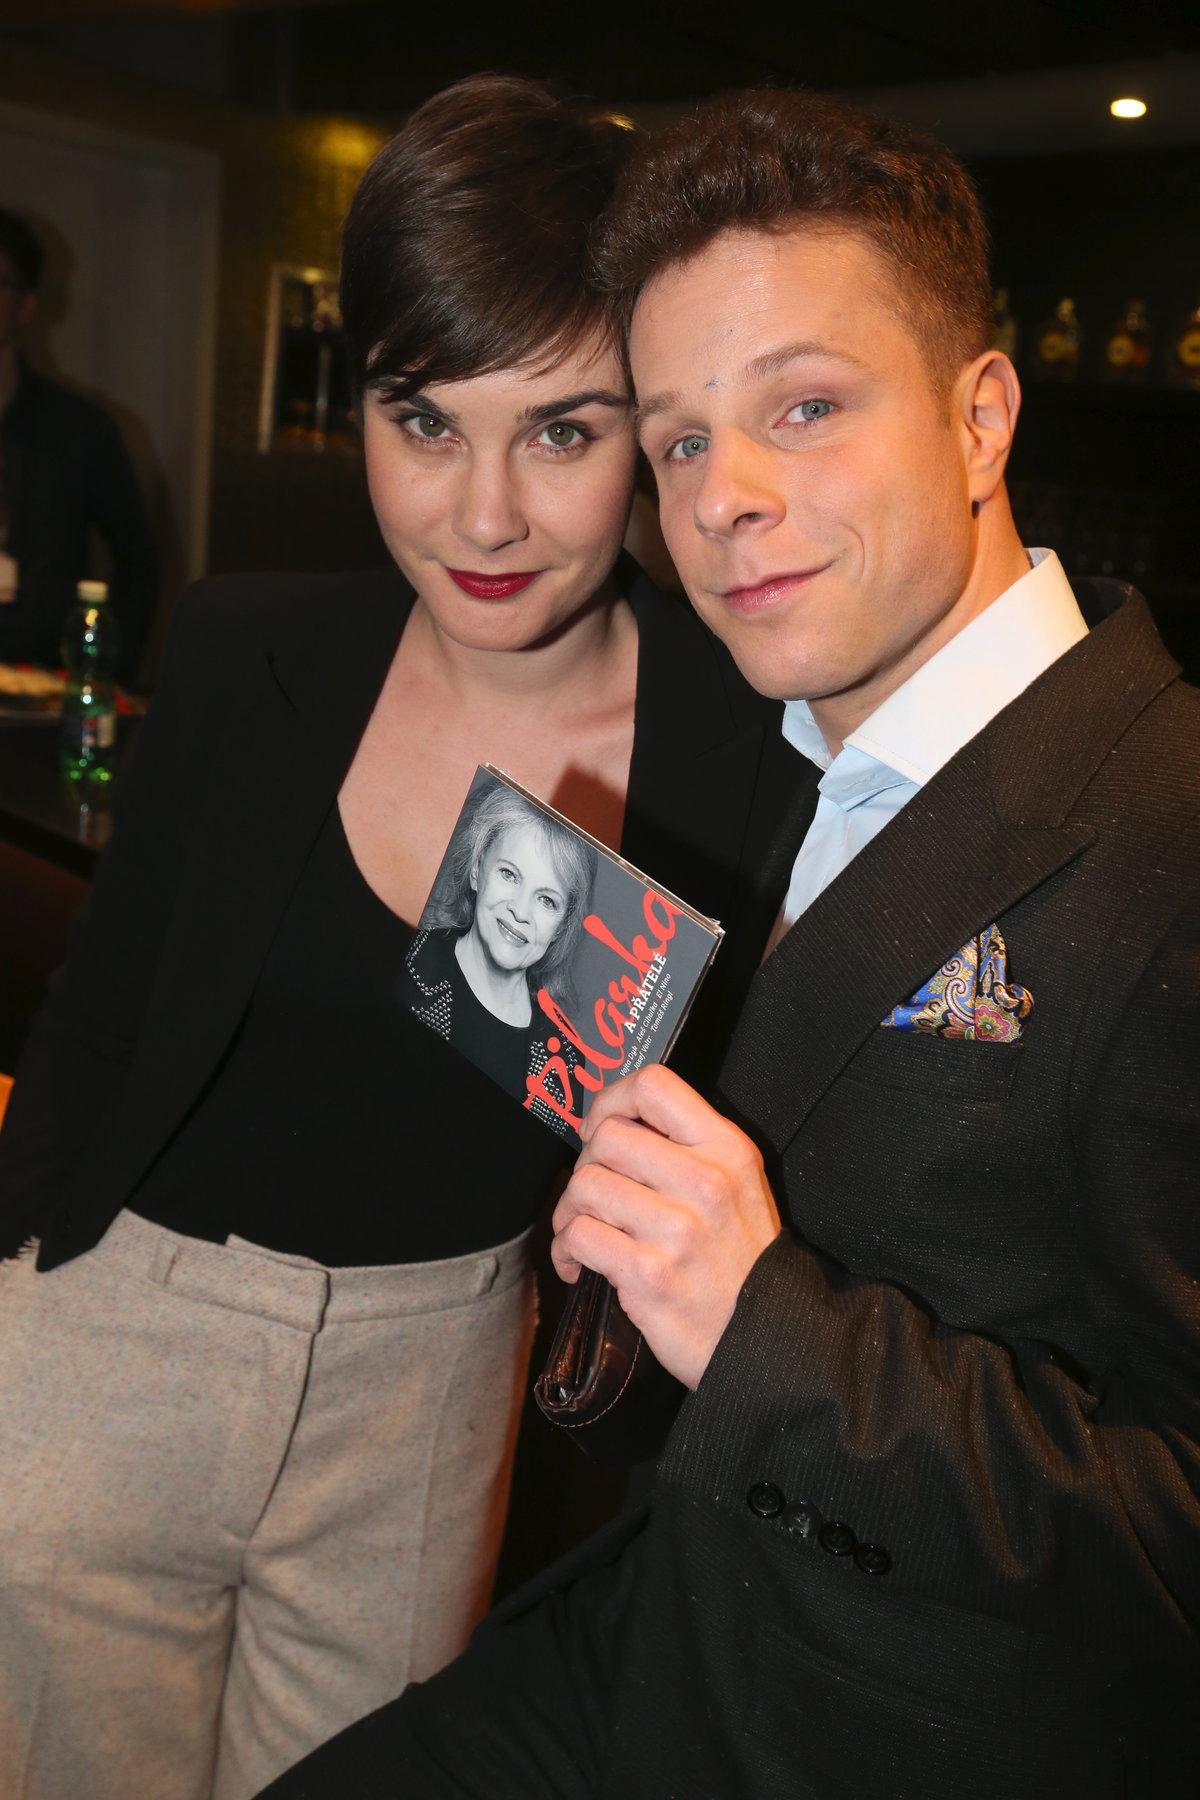 Tanečník a choreograf Jan Onder se současnou přítelkyní.